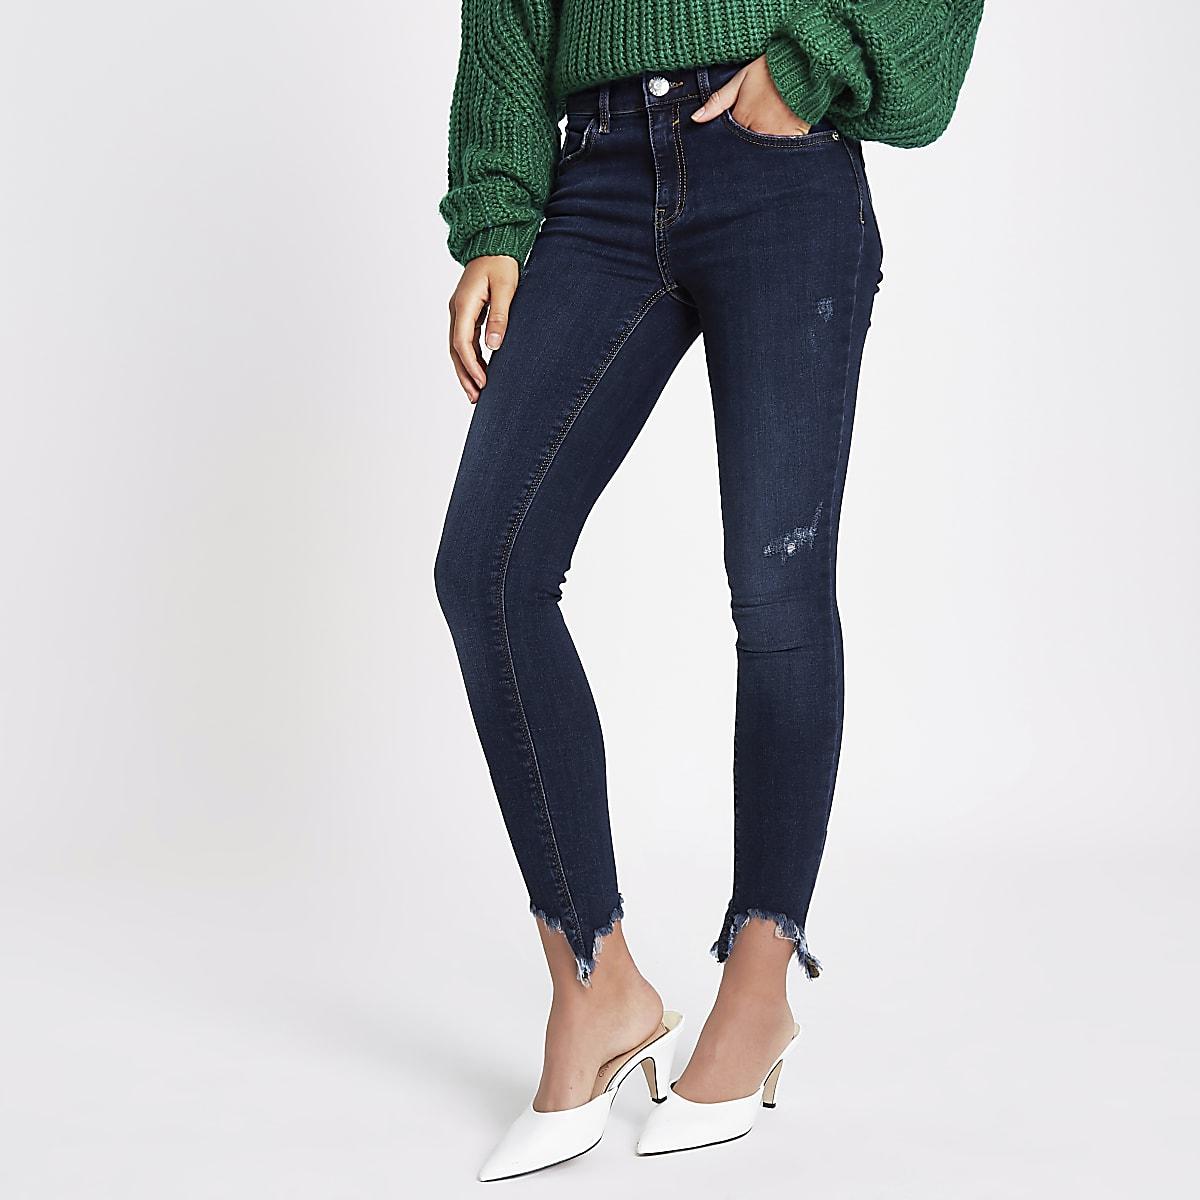 Amelie - Blauwe superskinny jeans met gerafelde zoom